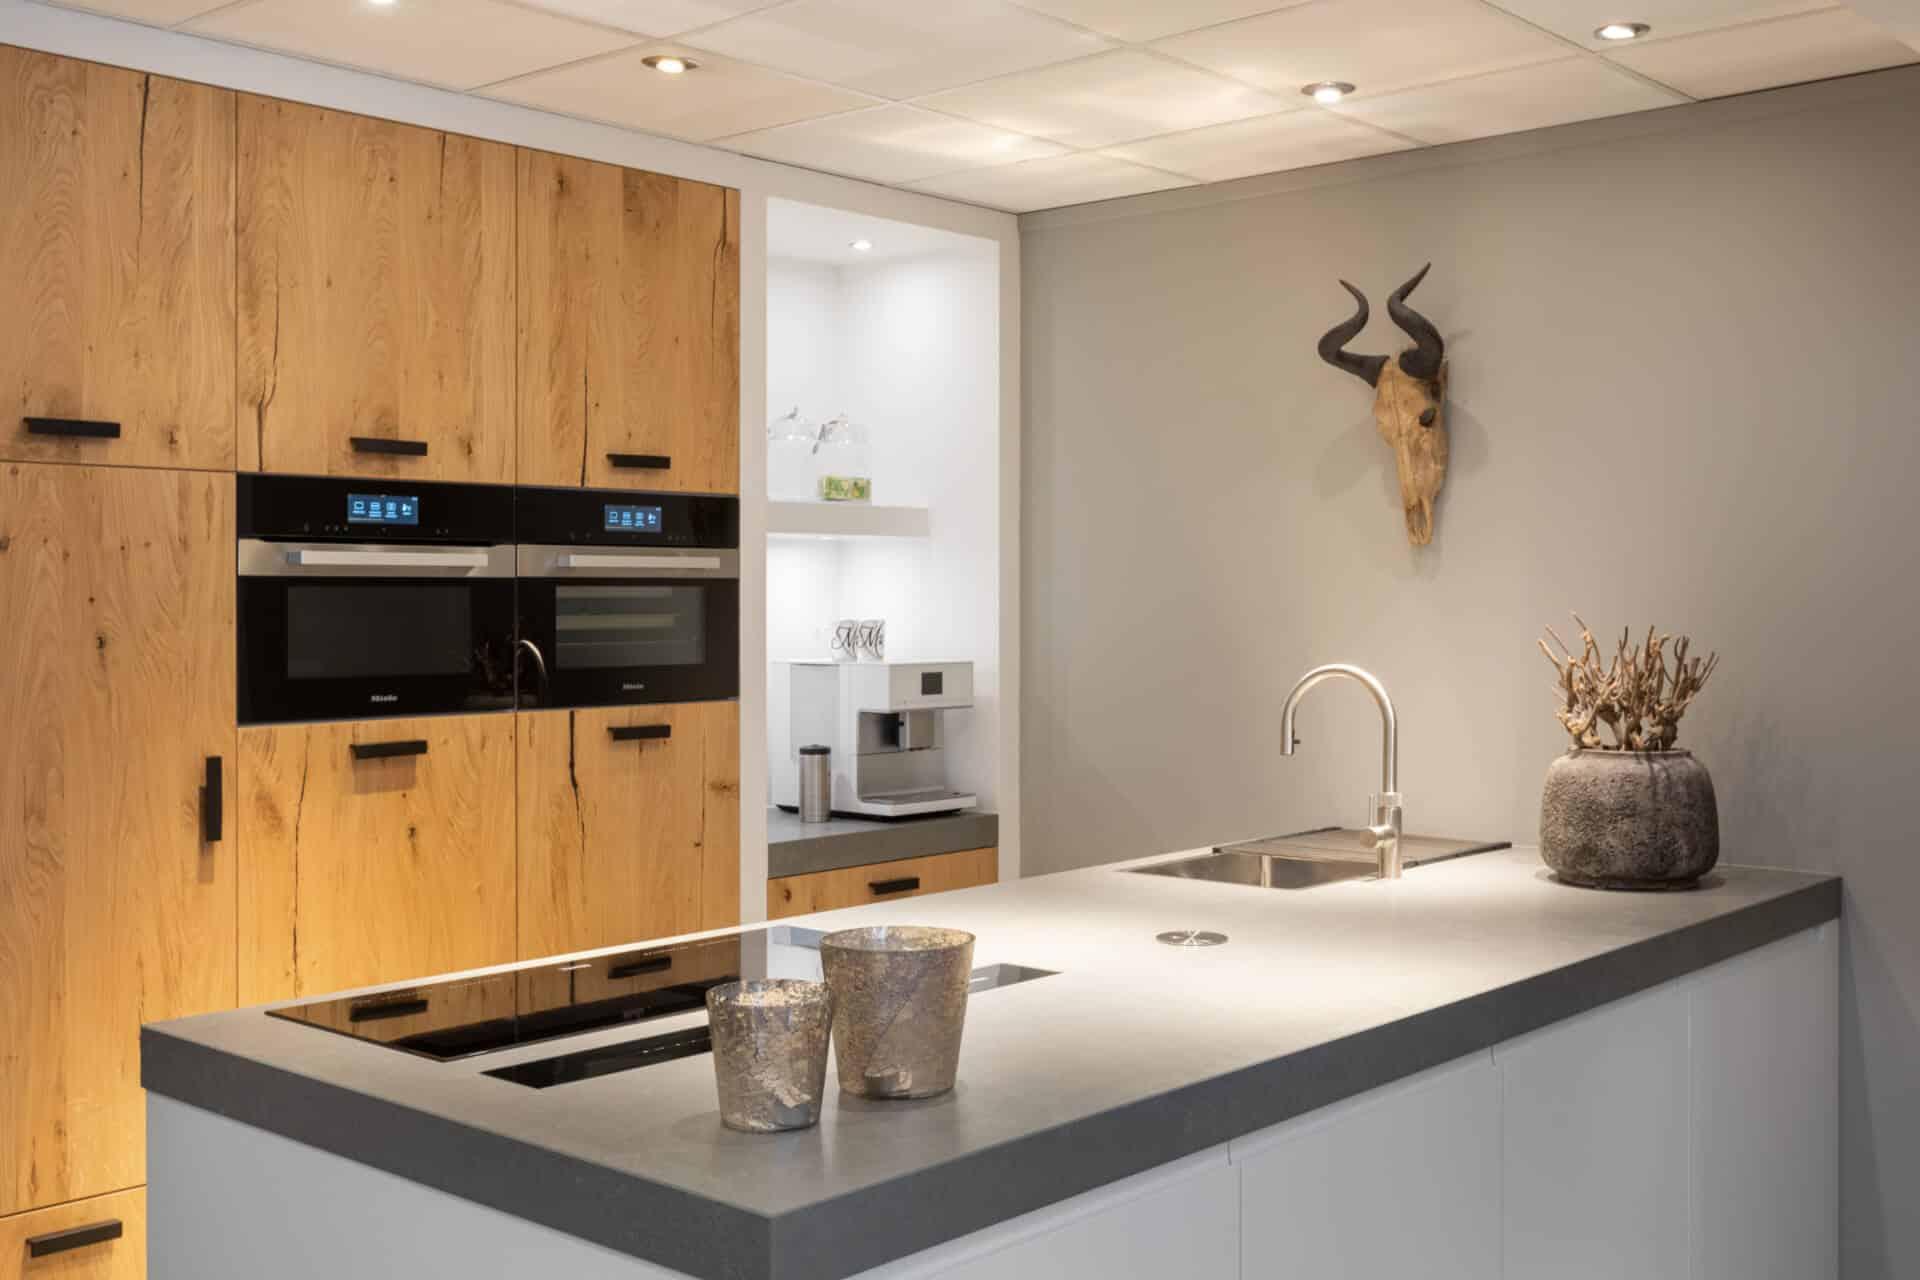 Robuuste, eiken keuken met Miele generatie 7000 apparatuur | Barneveld